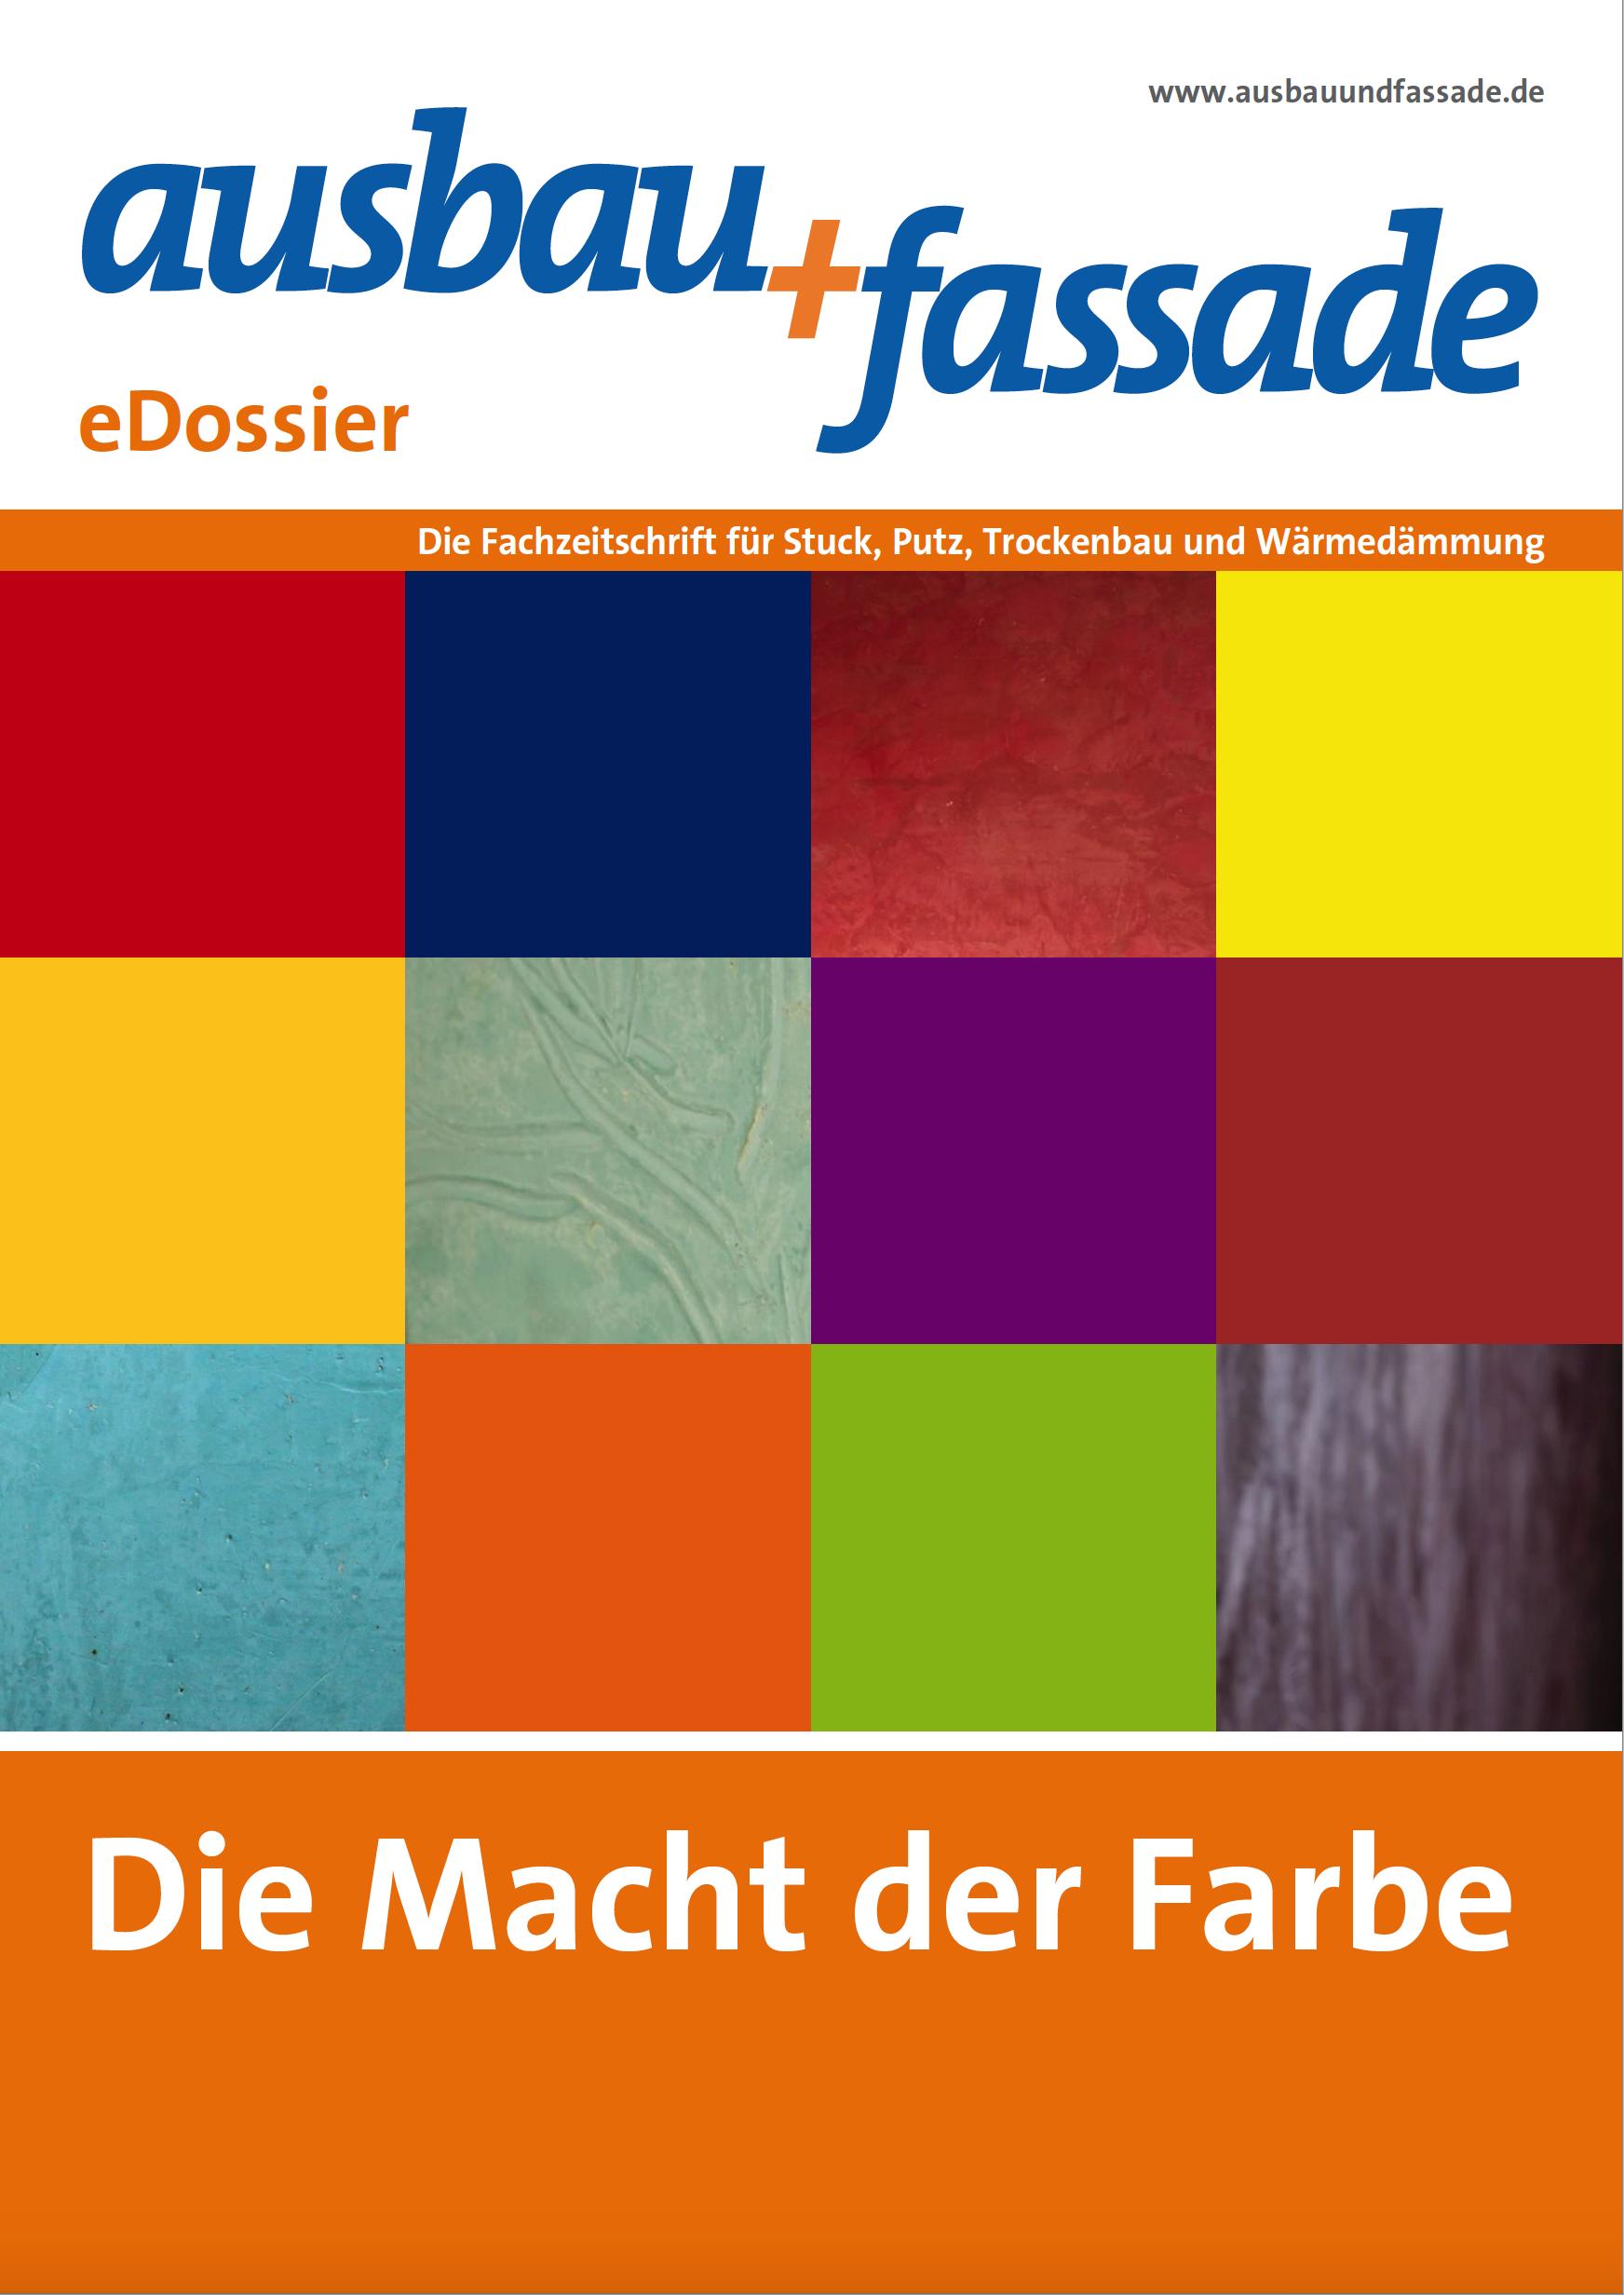 edossier_Macht_der_Farbe8 Ausbau und Fassade - Farbe